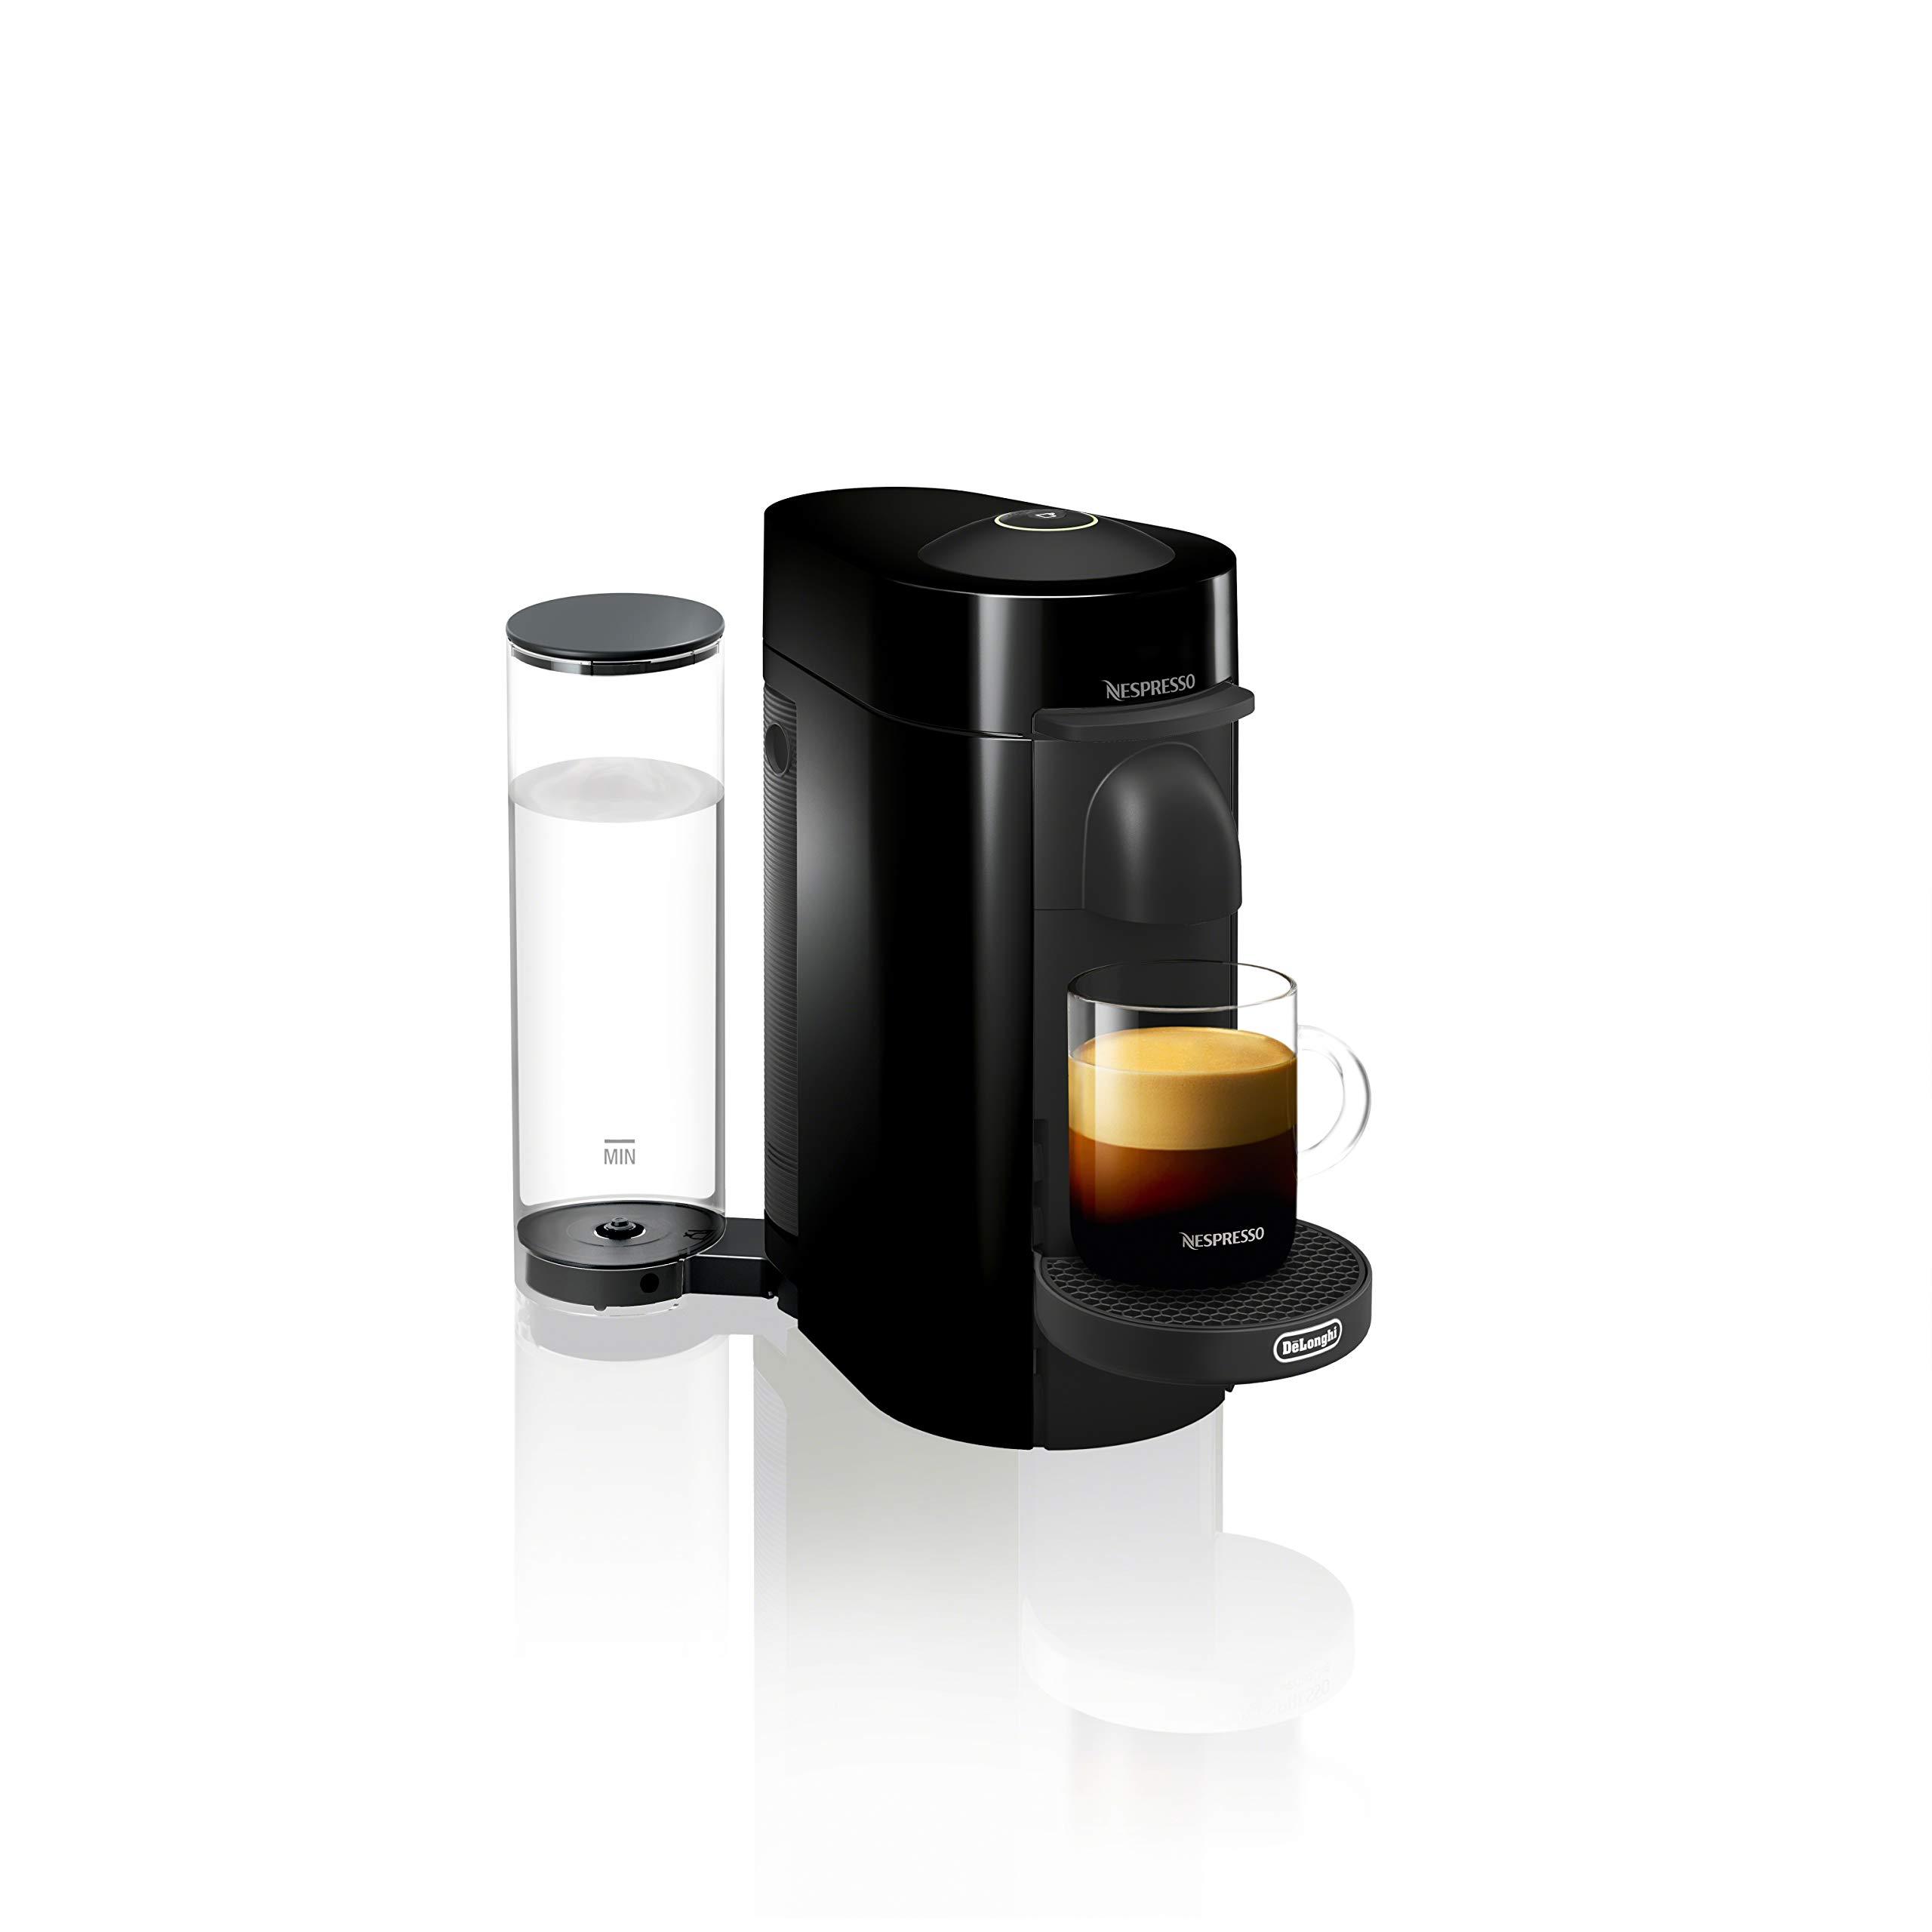 Nespresso by De'Longhi espresso machine